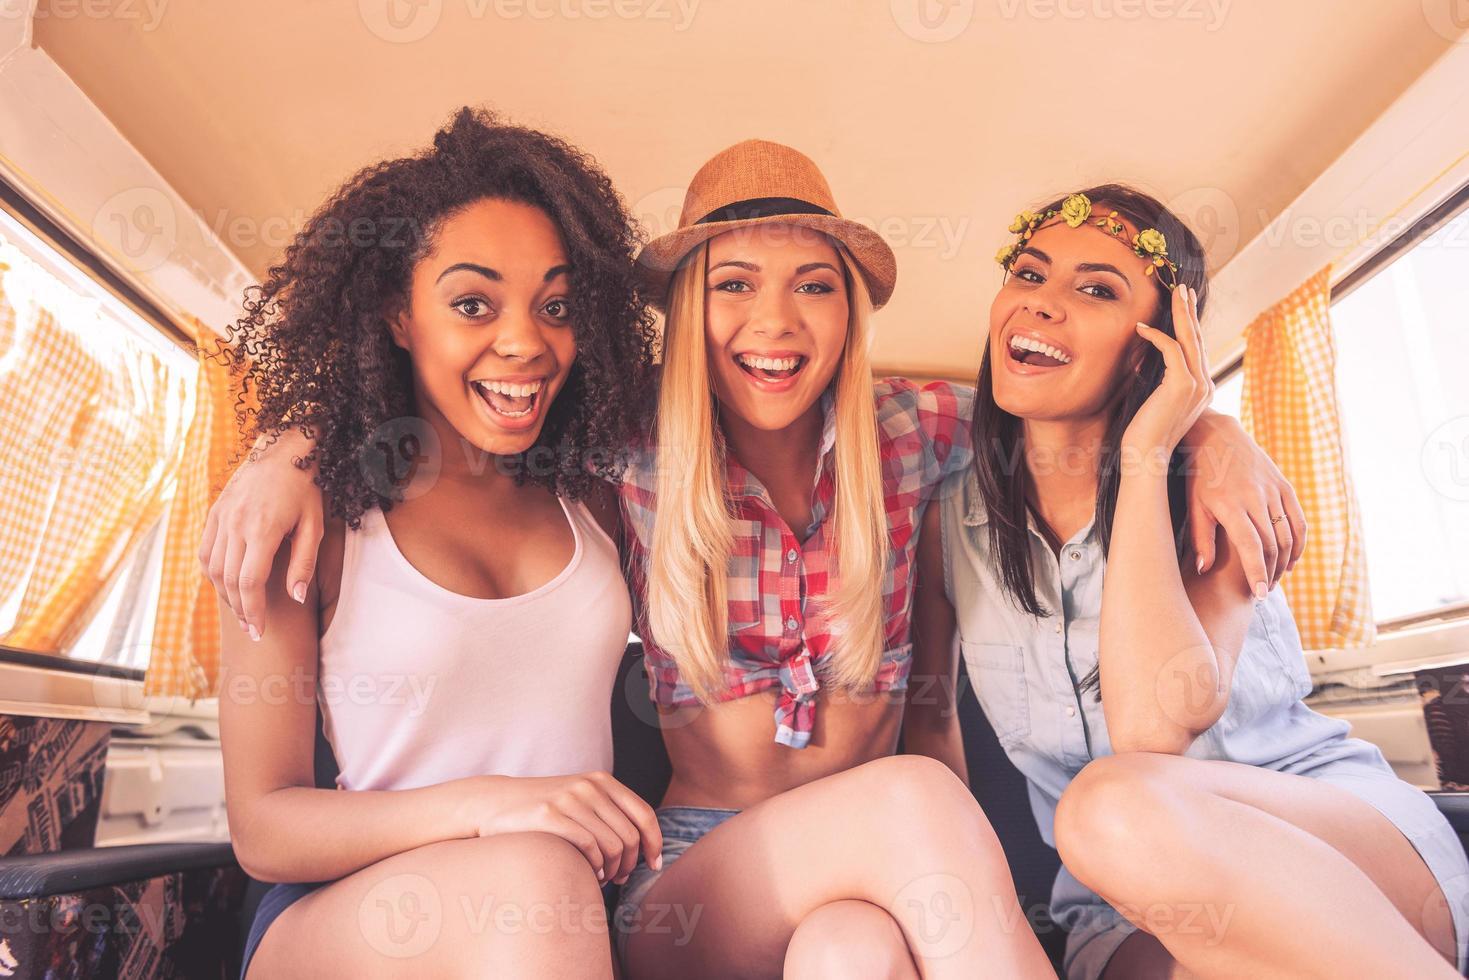 Mädchen wollen einfach nur Spaß haben. foto